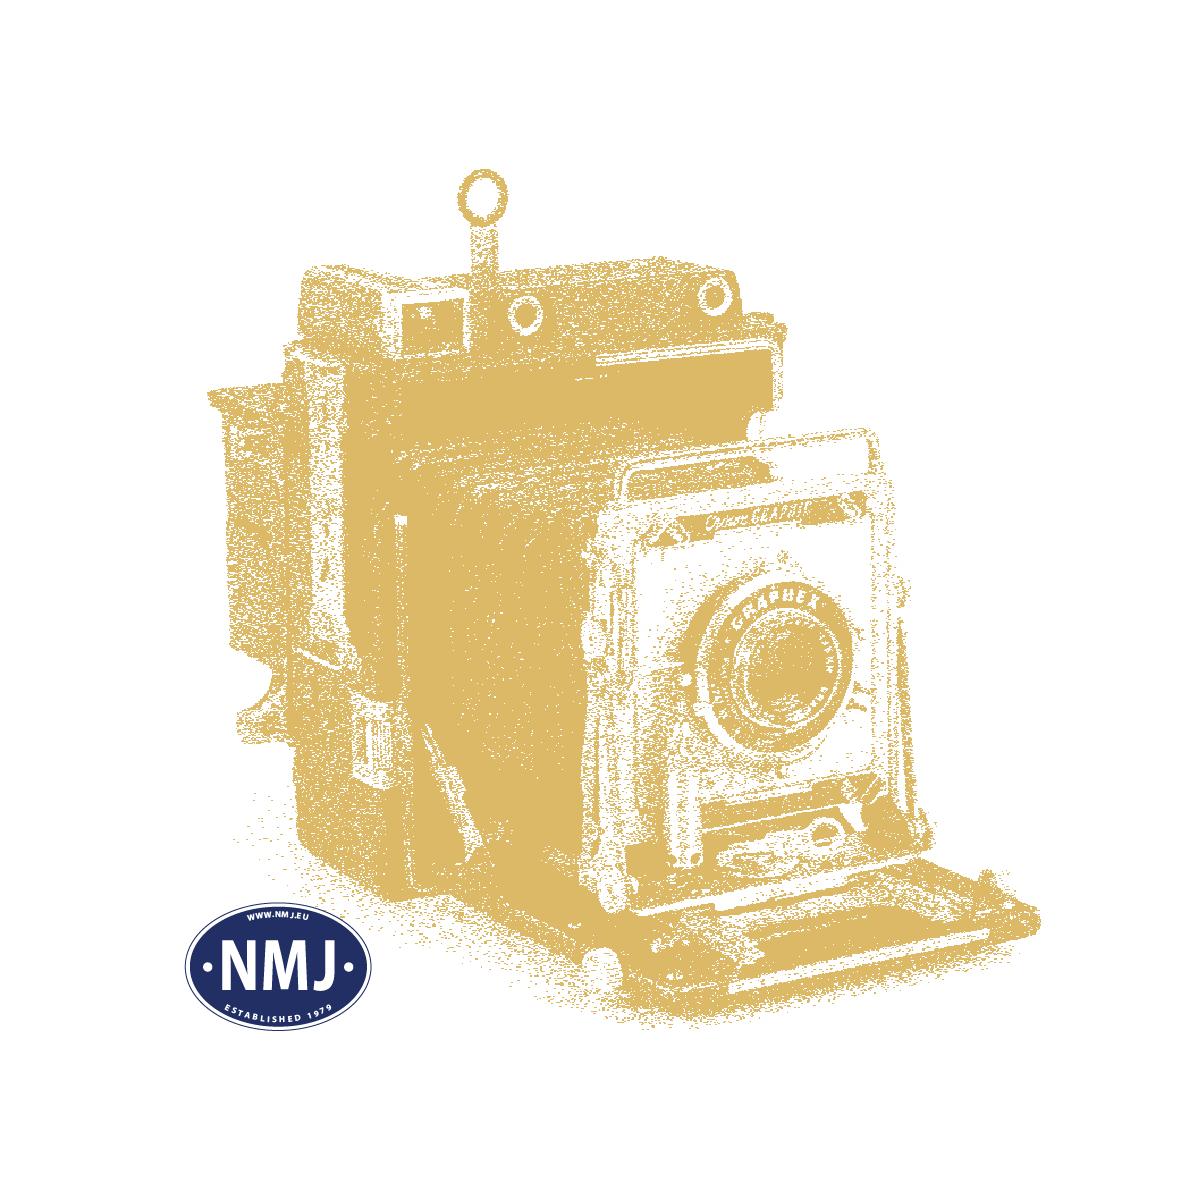 NMJT201.002 - NMJ Topline SJ A2.5047 1 Cl. Passenger coach, old SJ logo